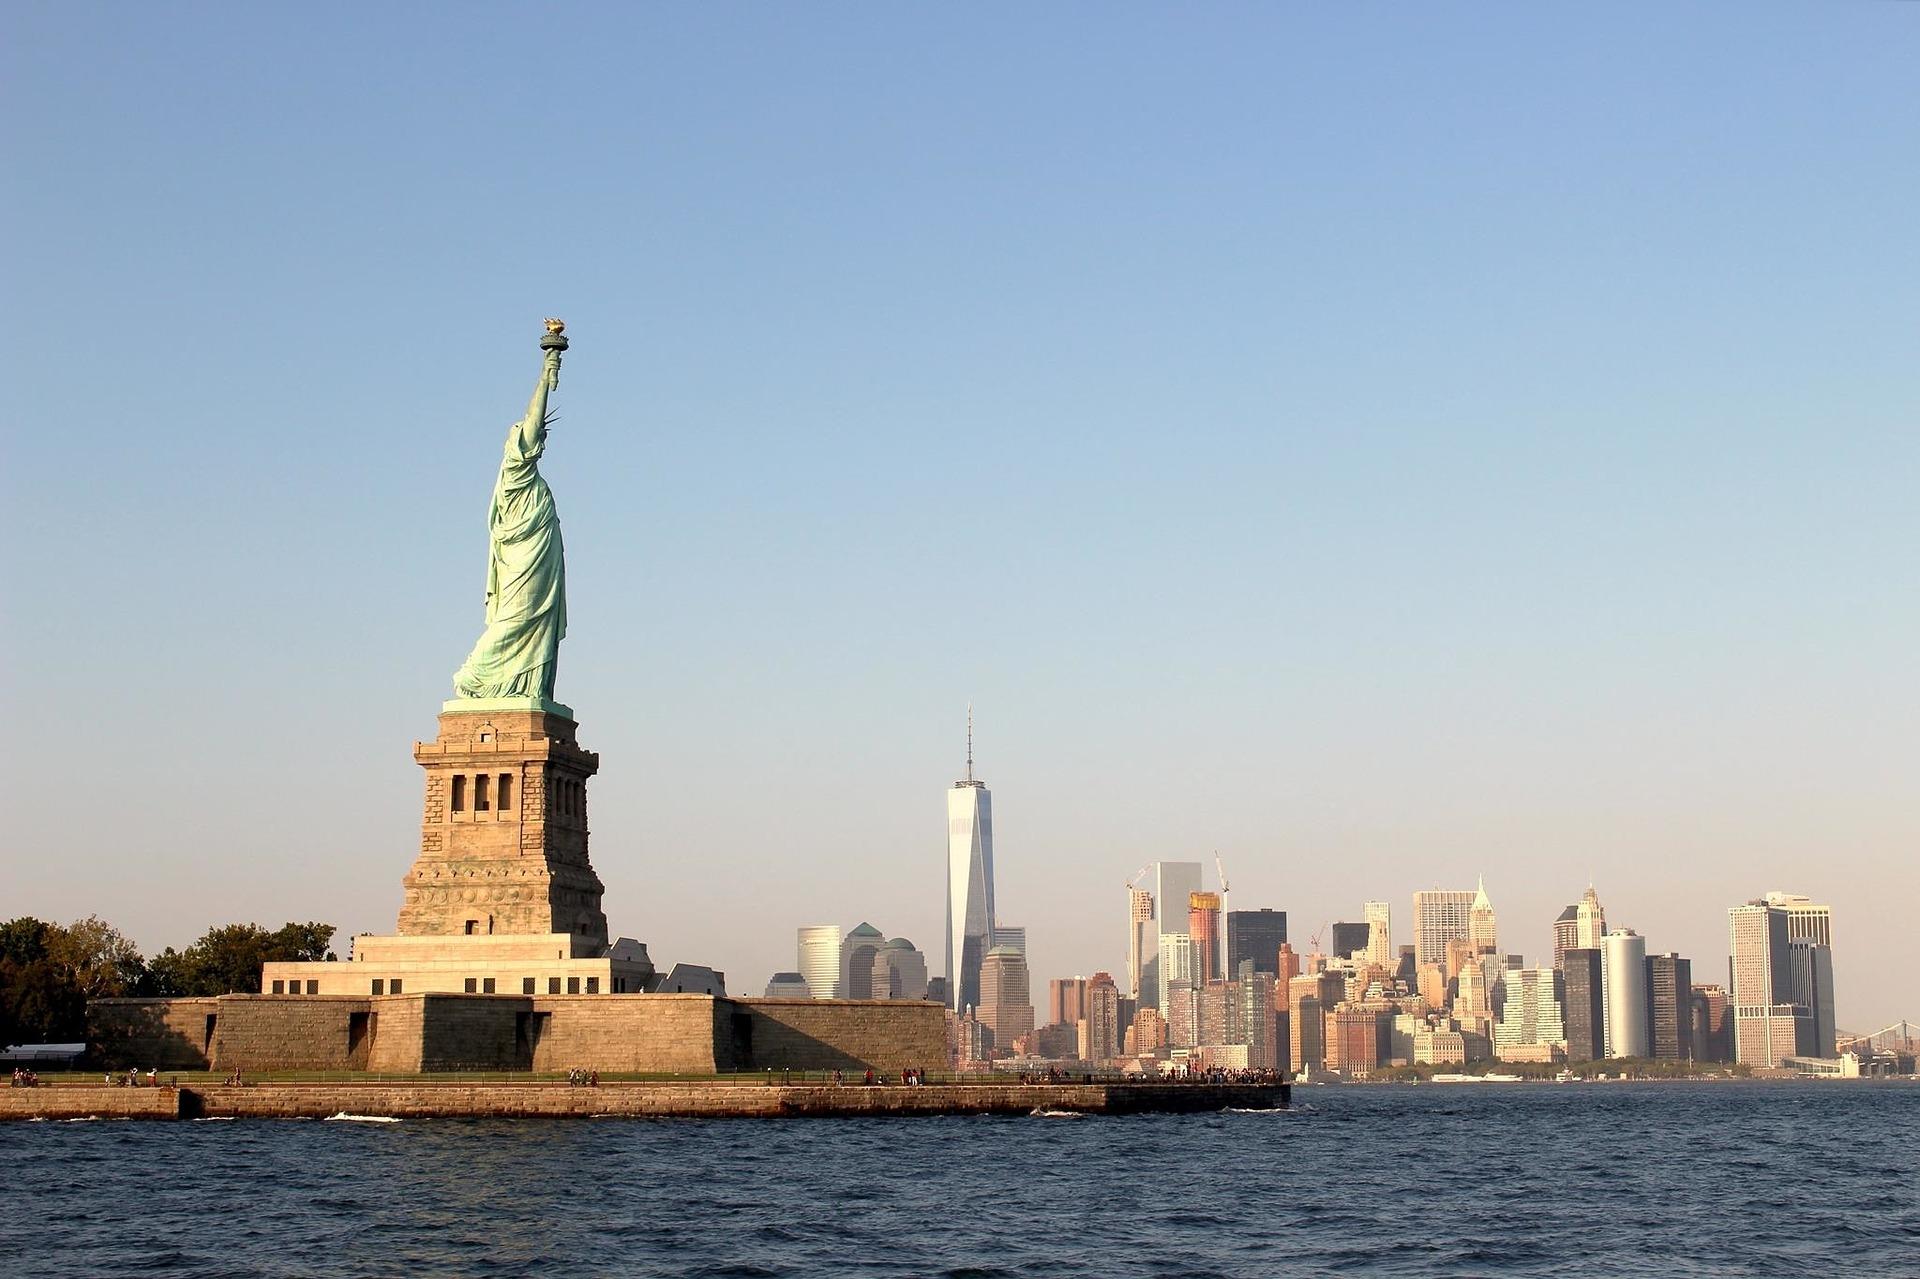 קו הרקיע של ניו יורק ופסל החירות